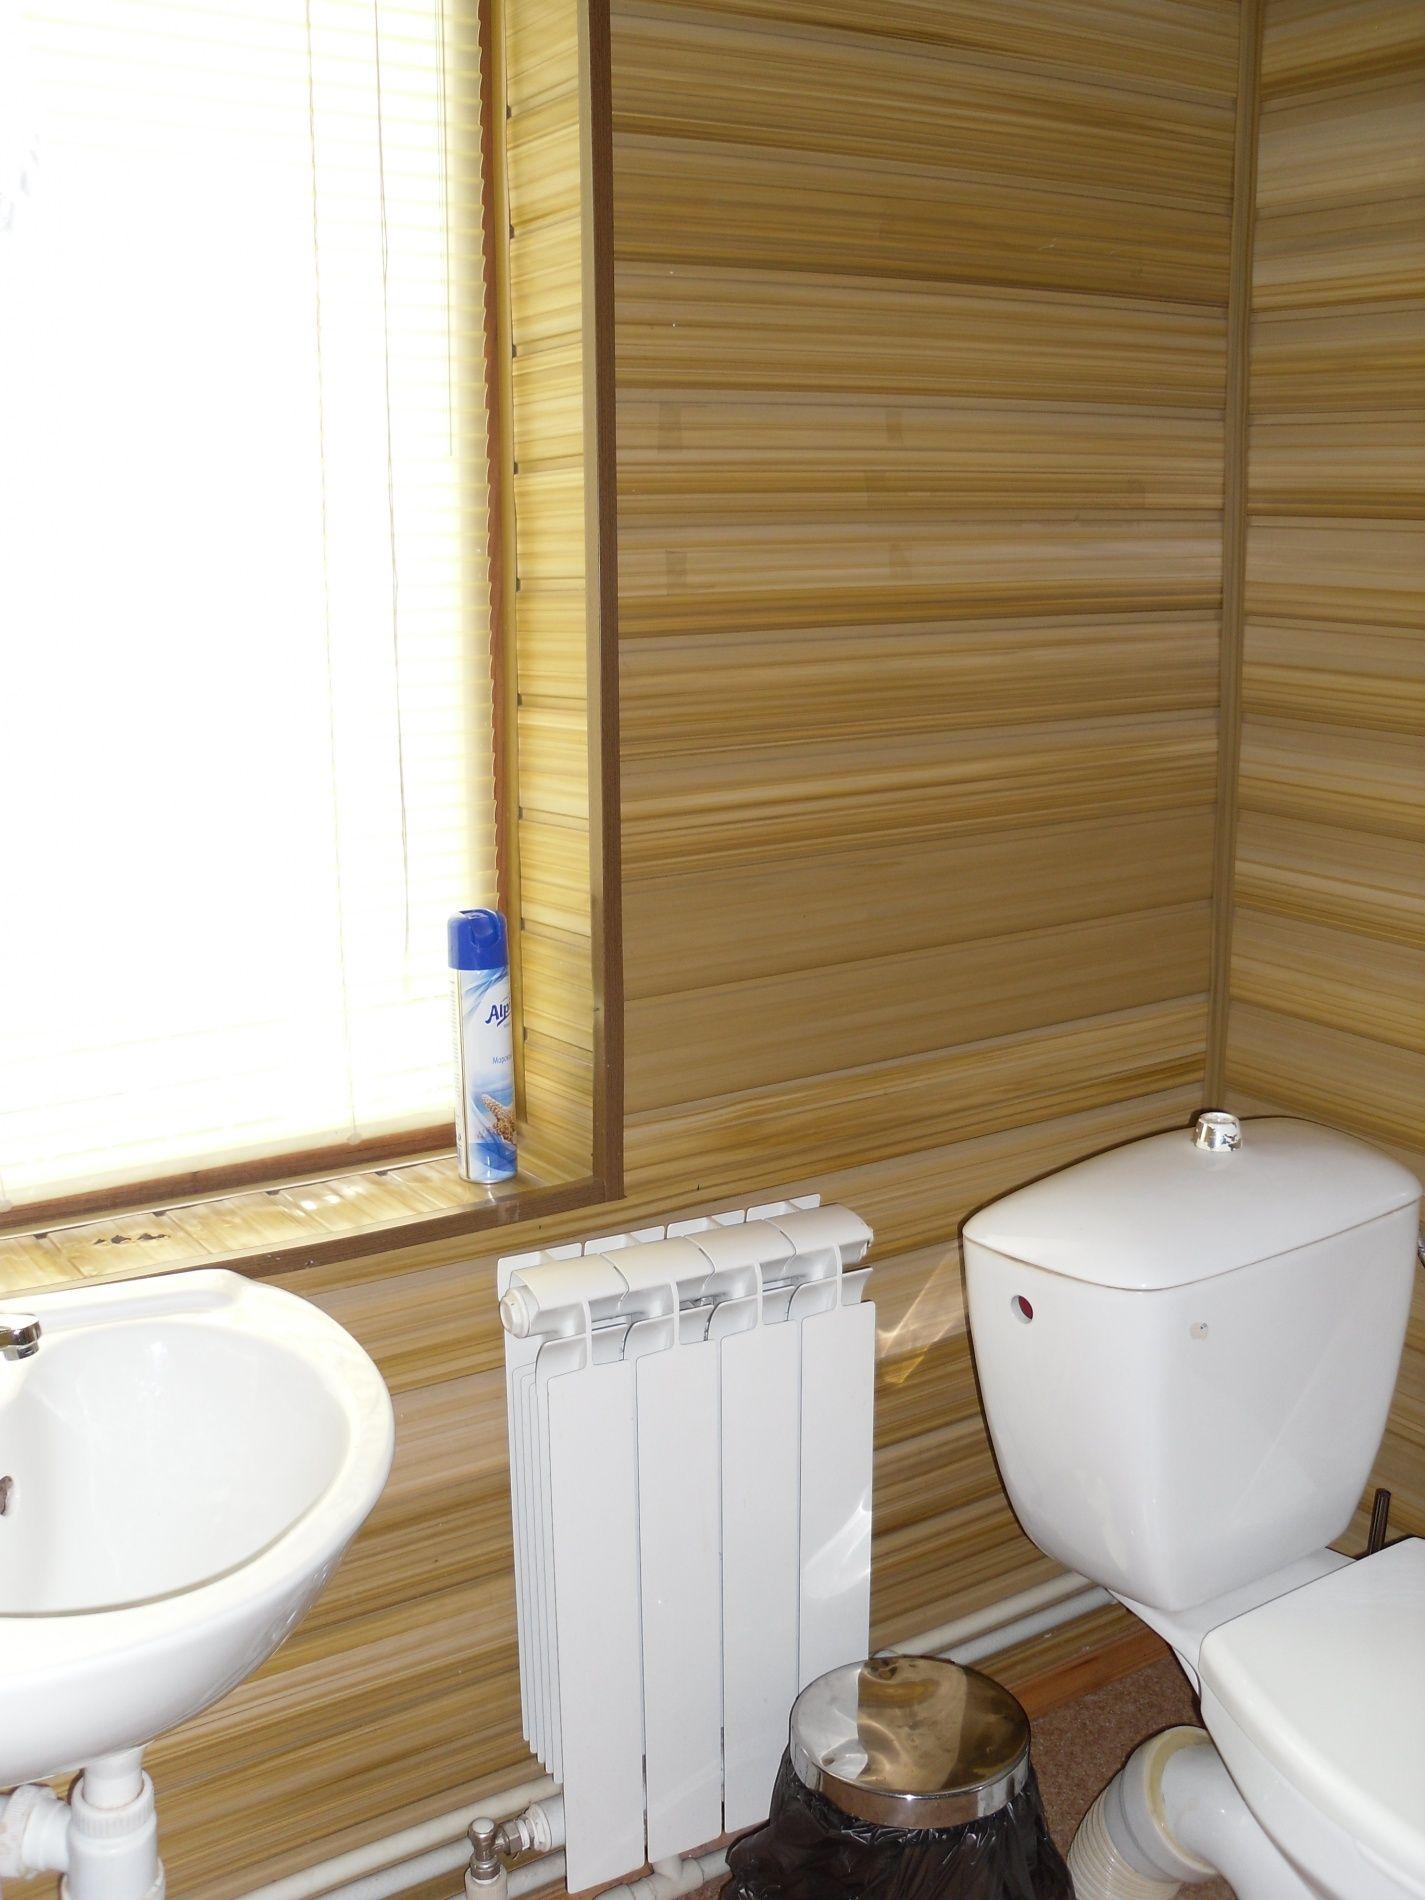 Туристический комплекс «Мирная Пристань» Ивановская область 1-комнатный номер 1 категории (№ 4, 6, 19, 10), фото 11